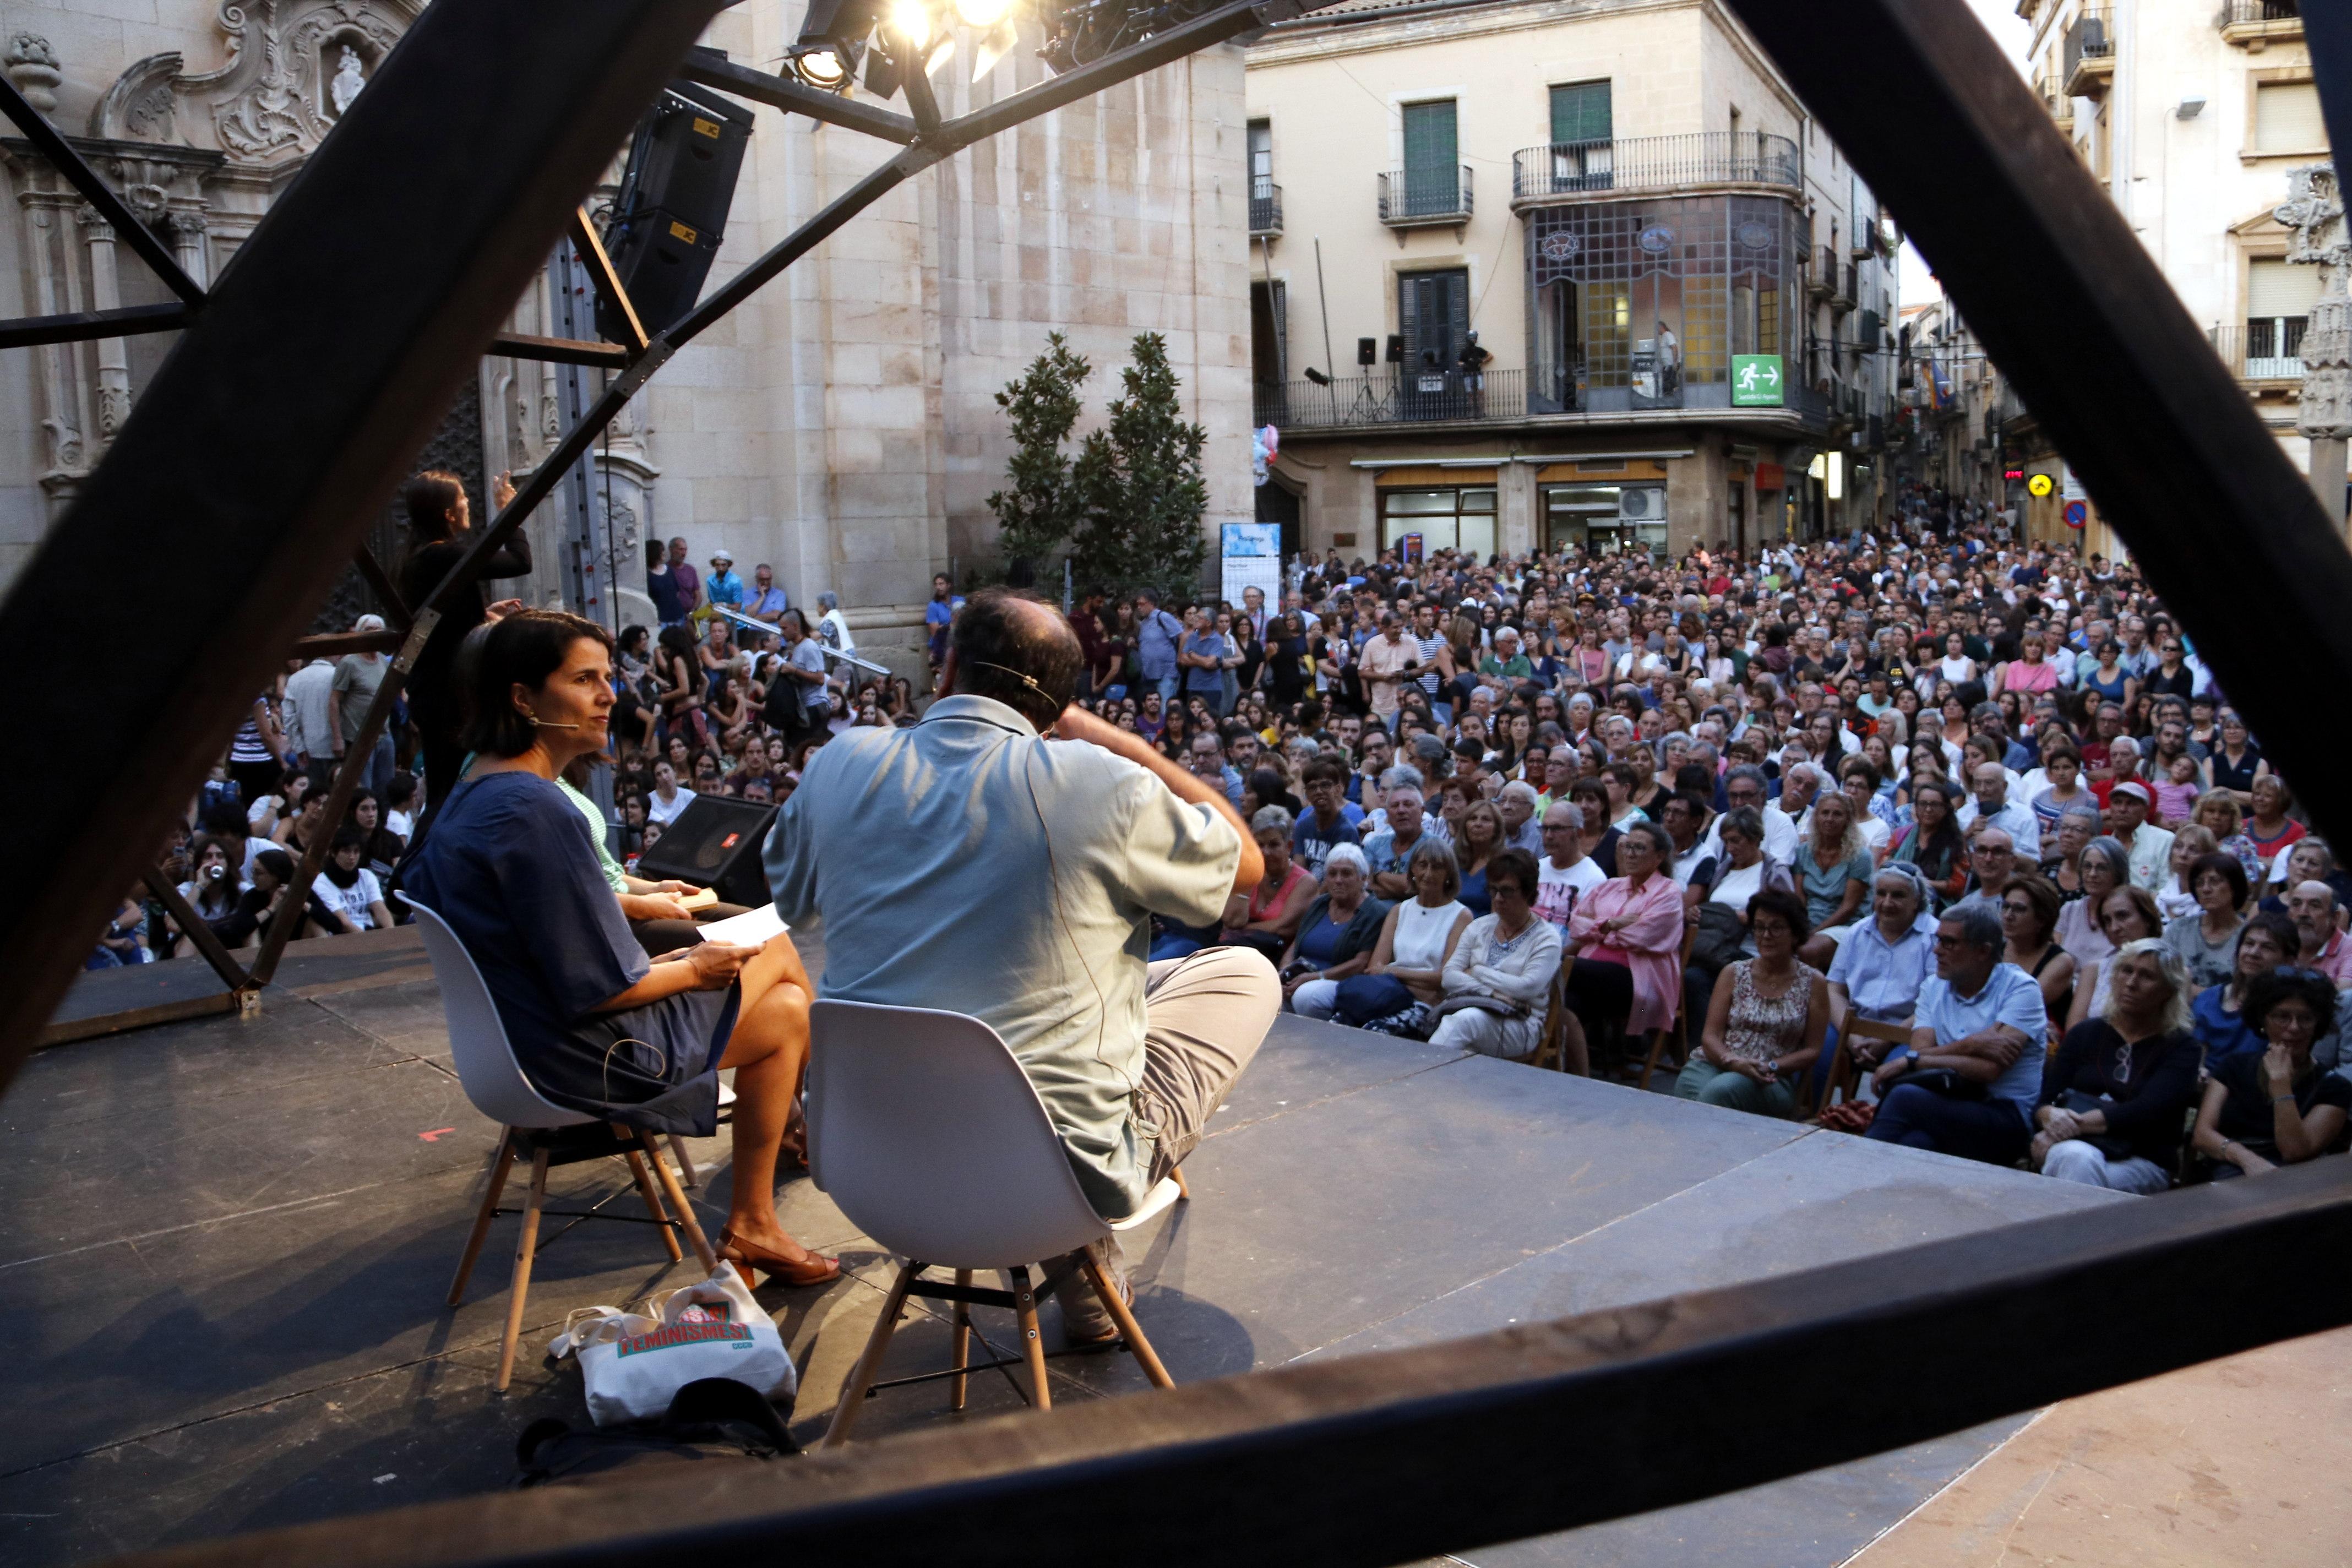 Un debat sobre els usos socials i artístics de l'espai públic dona el tret de sortida a la 39a edició de FiraTàrrega